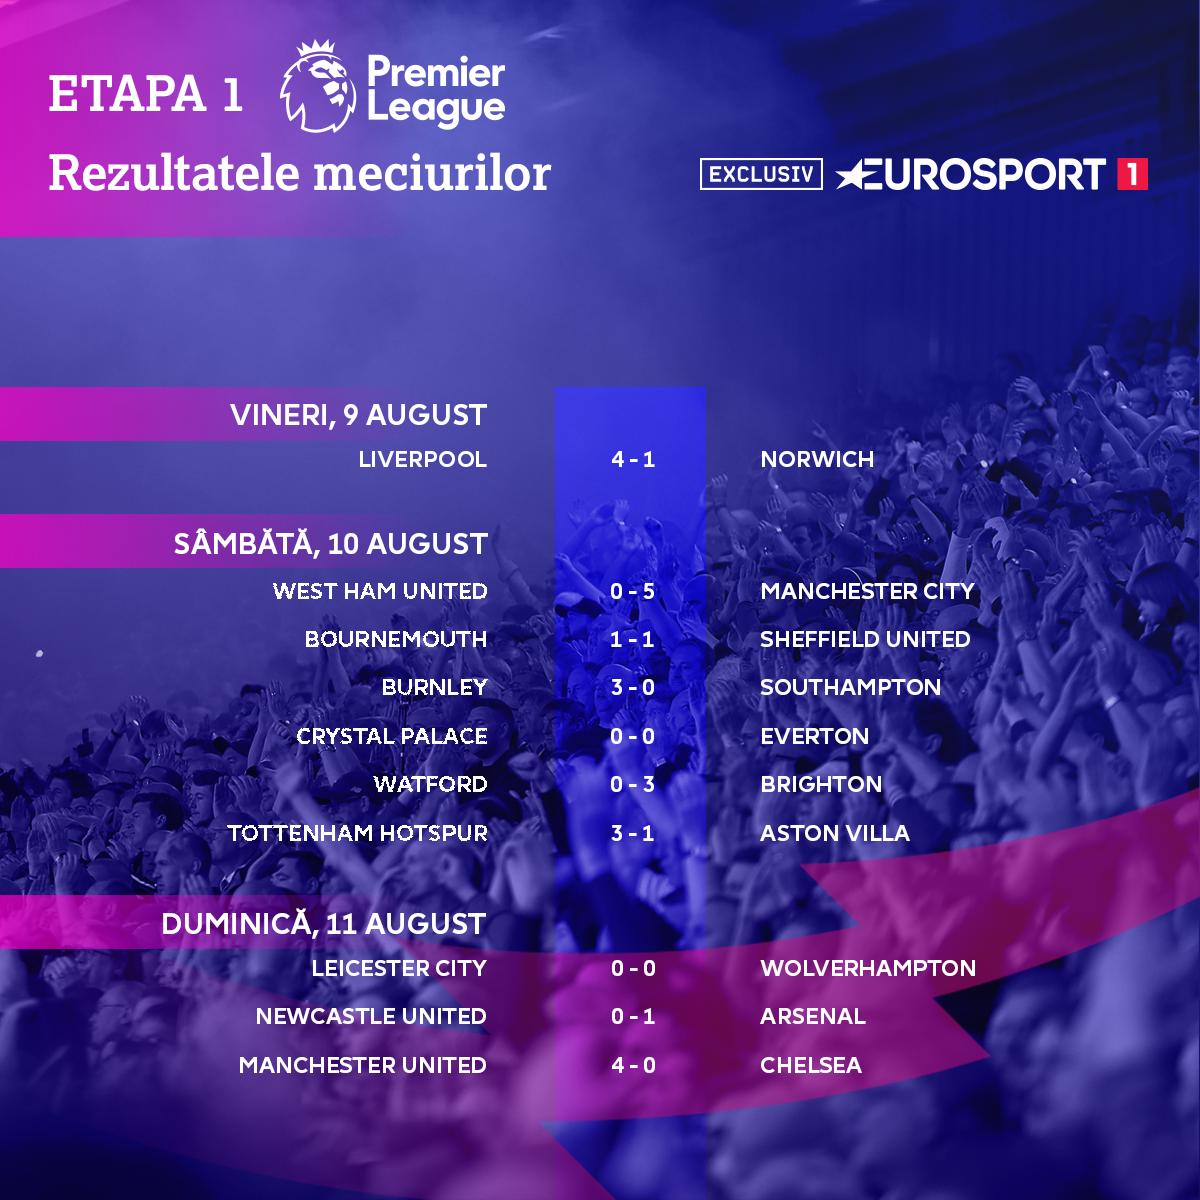 Premier League results - Round 1